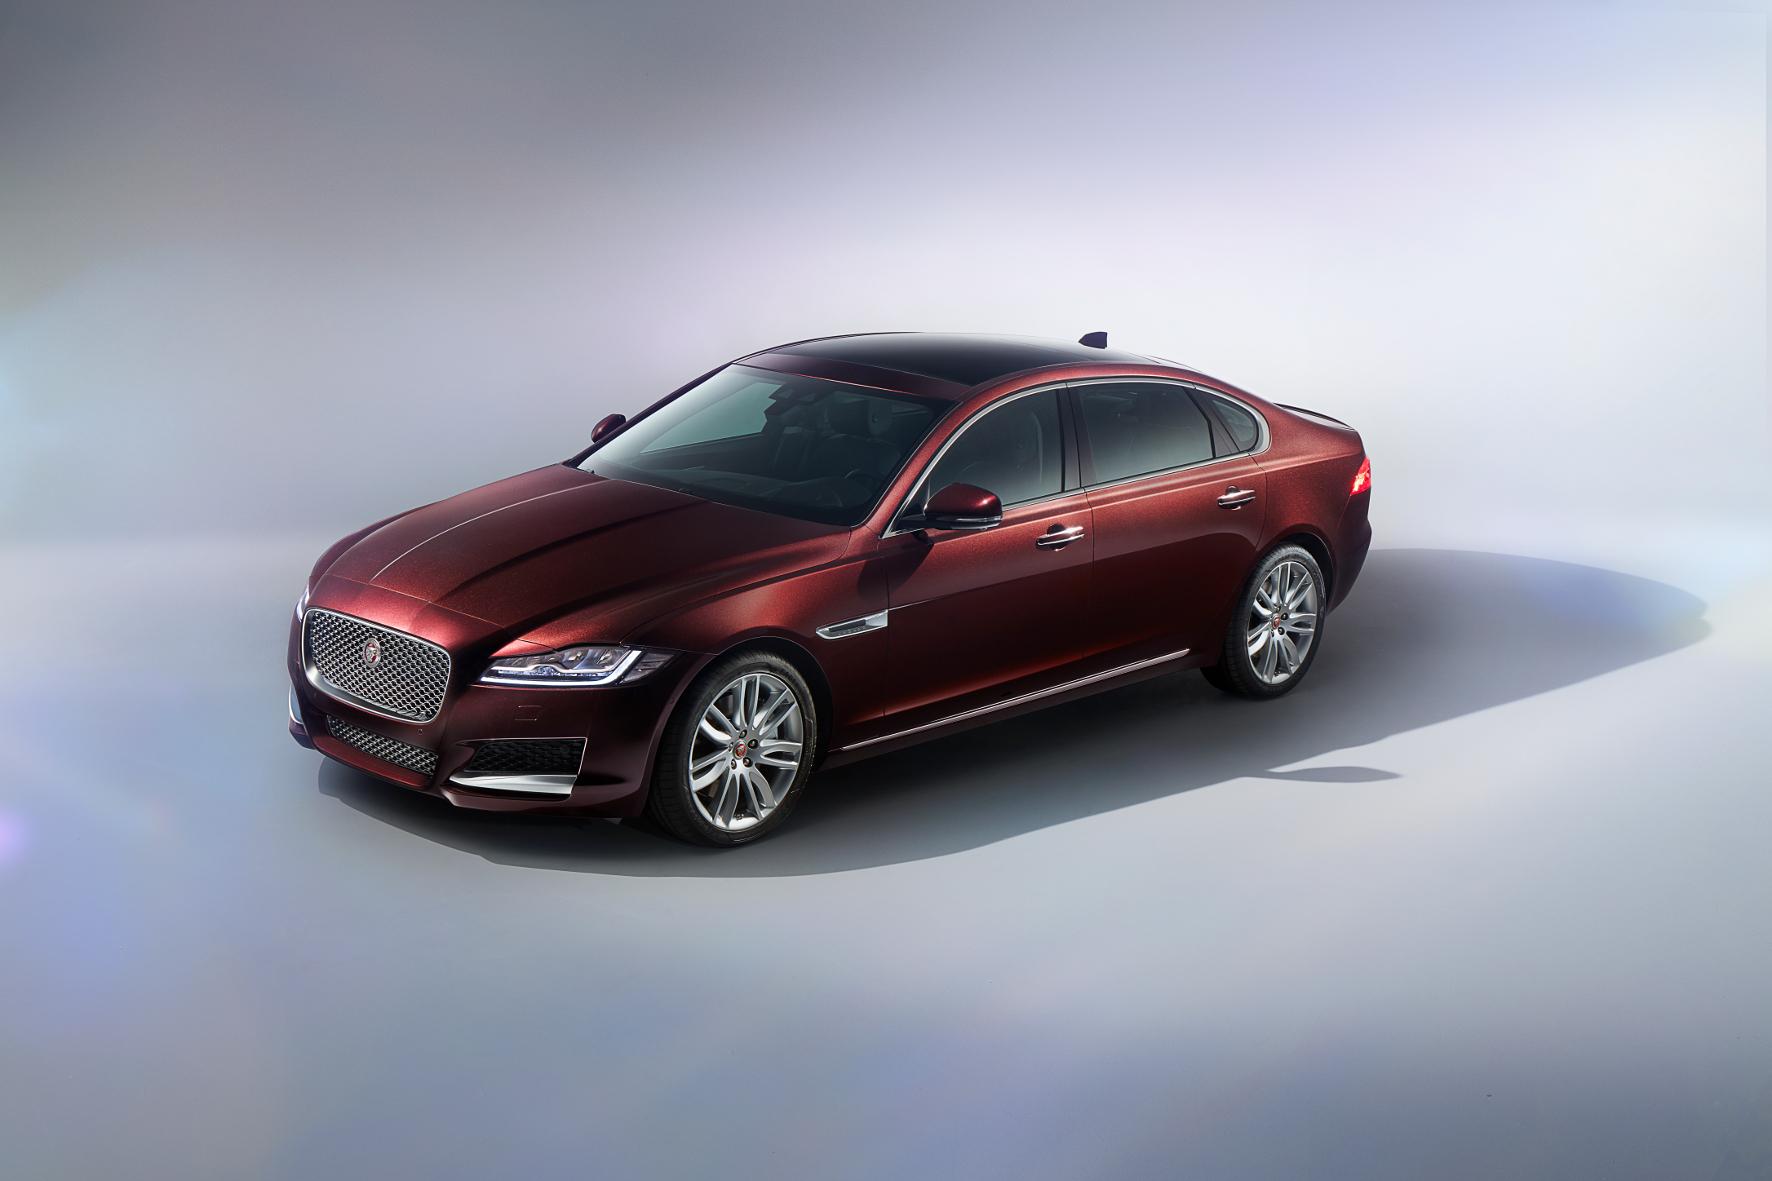 mid Groß-Gerau - Gestreckt: Speziell für den chinesischen Markt führt Jaguar eine Langversion des XF als Chauffeur-Limousine ein.